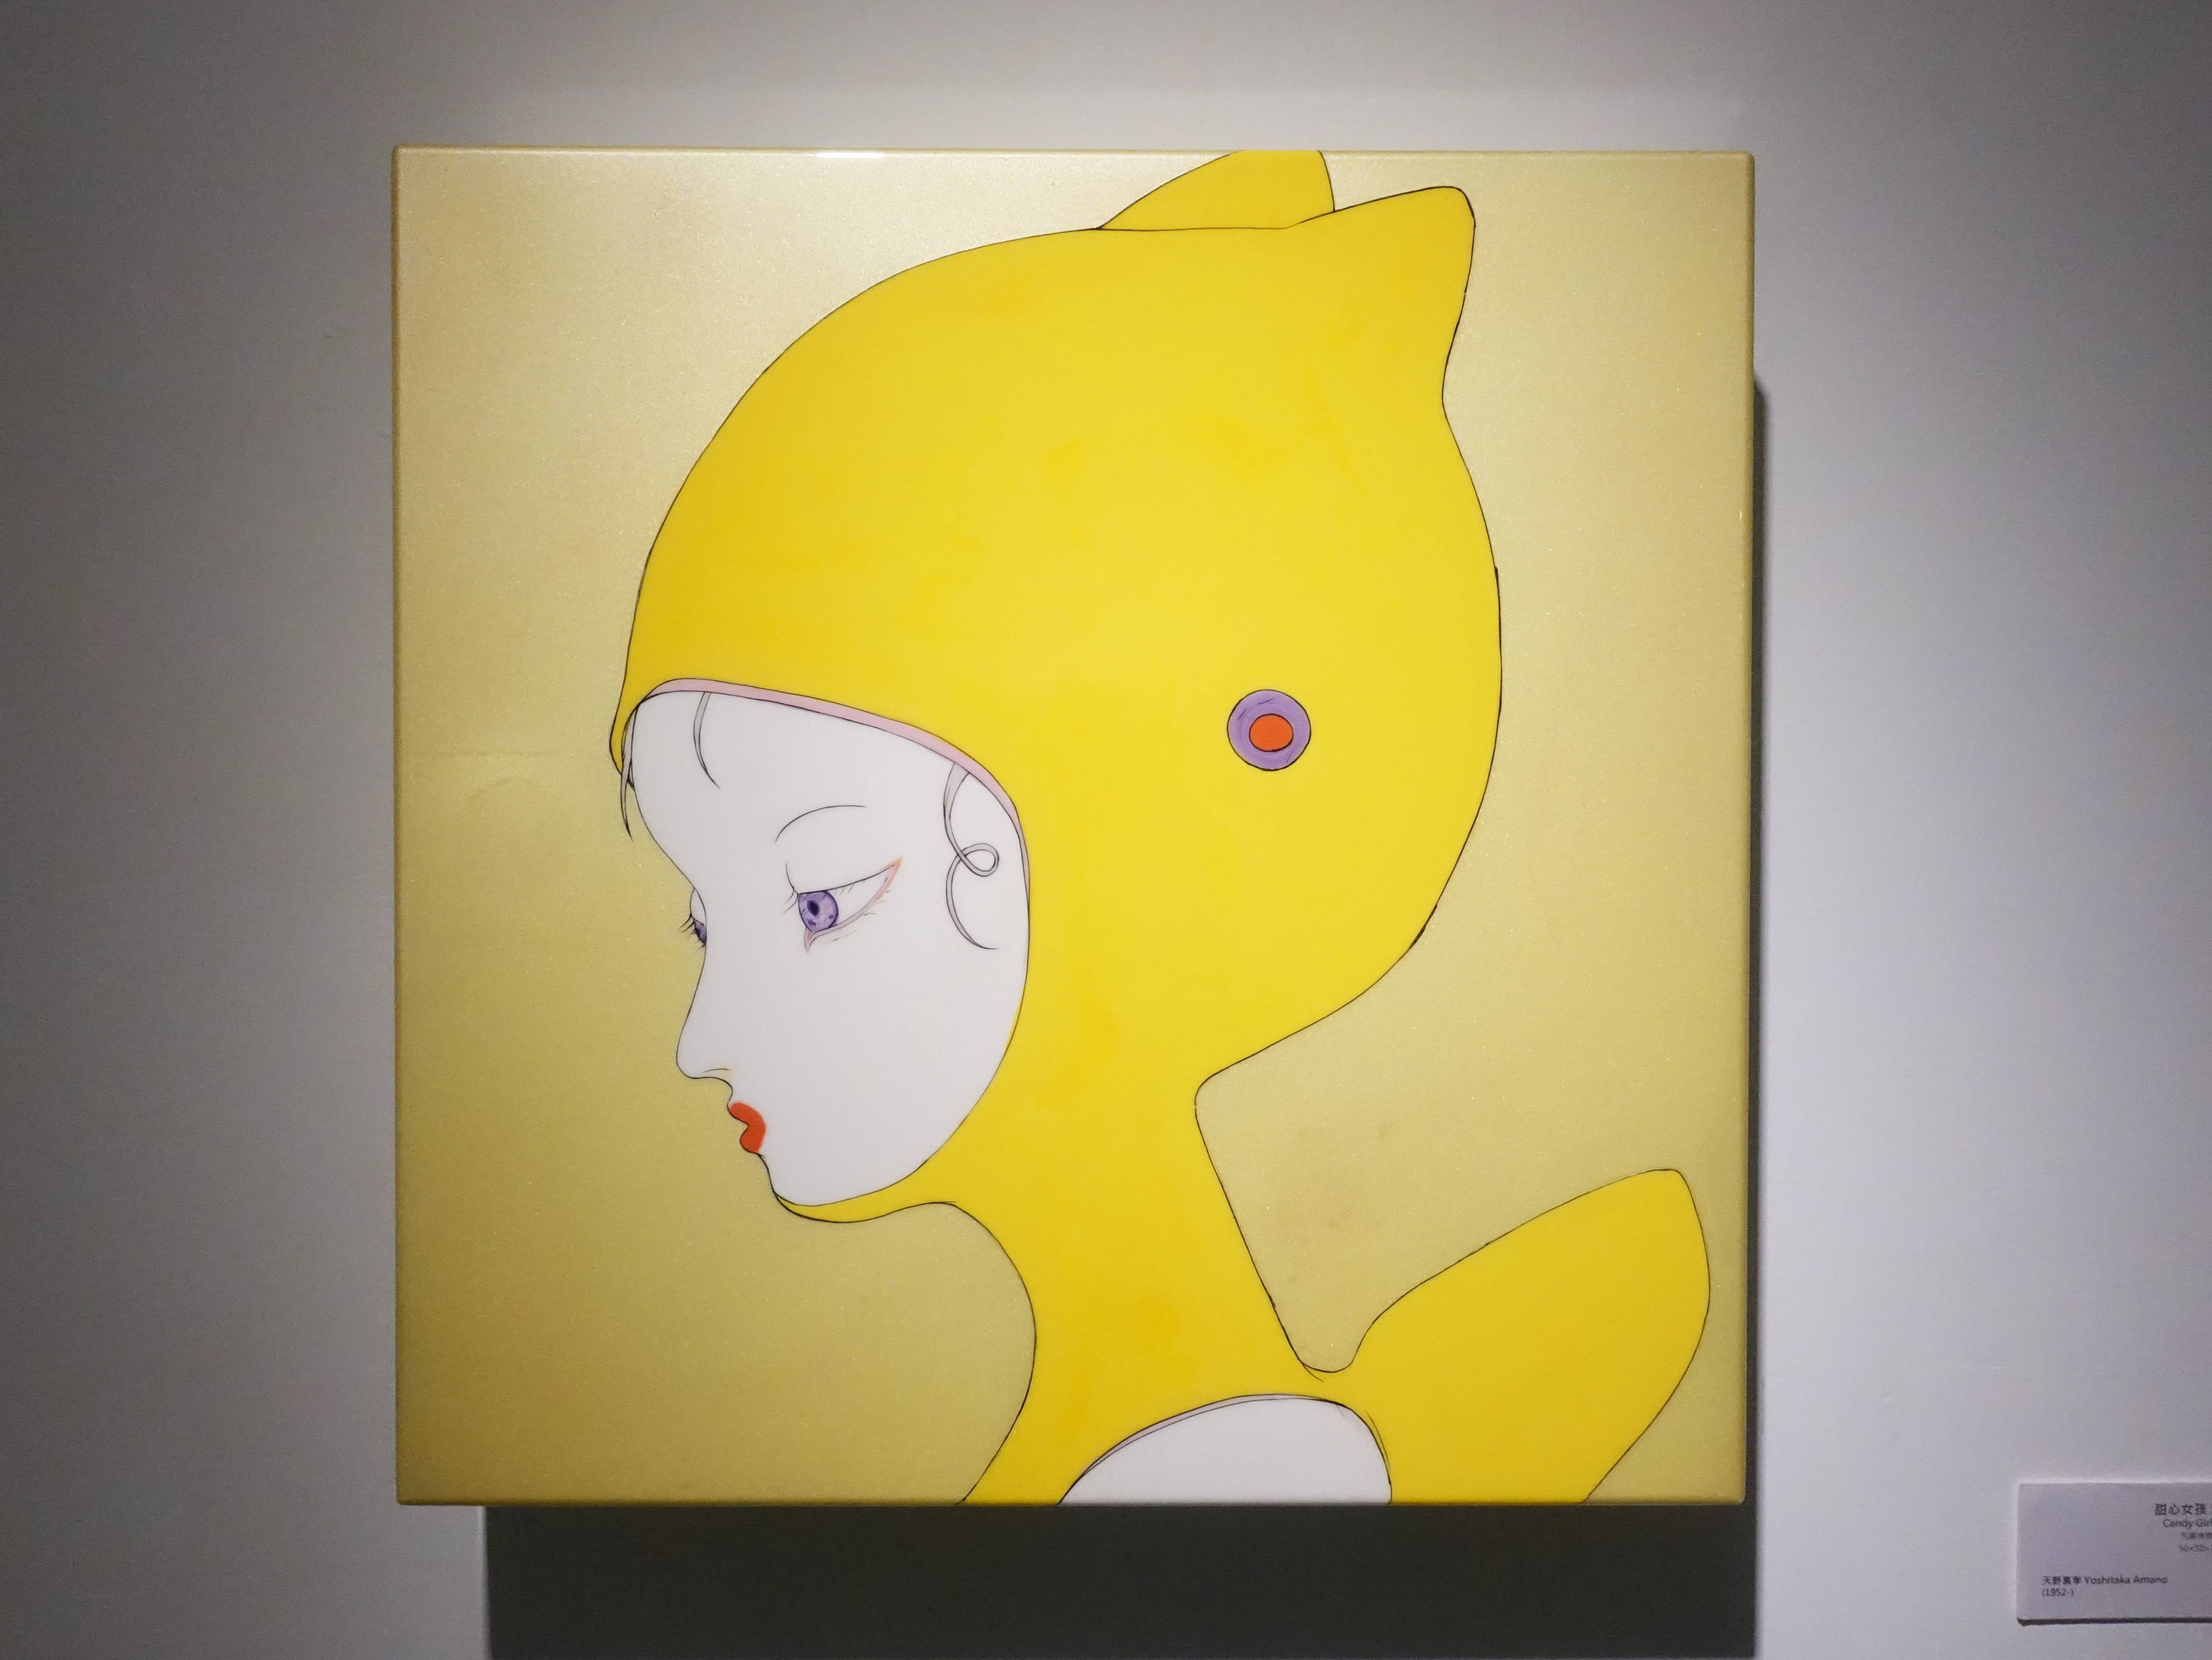 天野喜孝,《甜心女孩S-8》,50 x 50 x 10 cm,汽車烤漆、鋁板,2008。